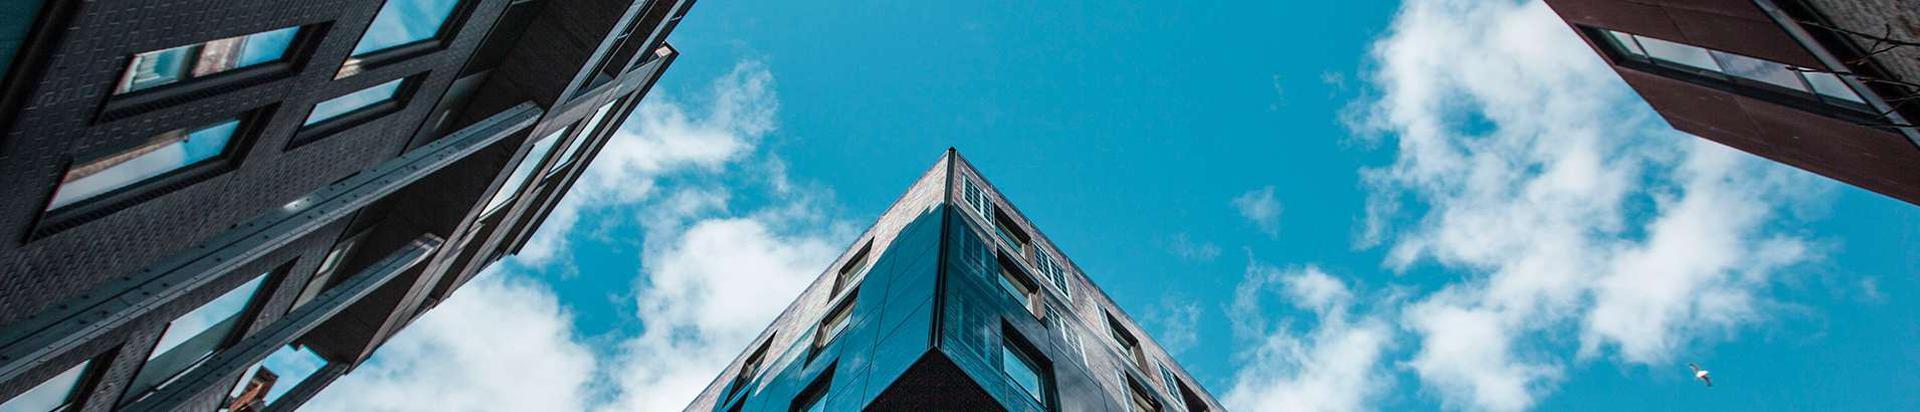 ametid, ministeeriumid jms avalik haldus, Fotode töötlemisteenused, Kunstiteosed, Linnaplaneerimis- ja maastikuarhitektuuriteenused, Tarkvara nõustamisteenused, Arhitektuuri-, insener-tehnilise projekteerimise ja maamõõtmisteenused, Tarkvara hooldus- ja parandusteenused, Tekstitöötlusteenused, Insener-tehnilised ja ehitusalased nõustamisteenused